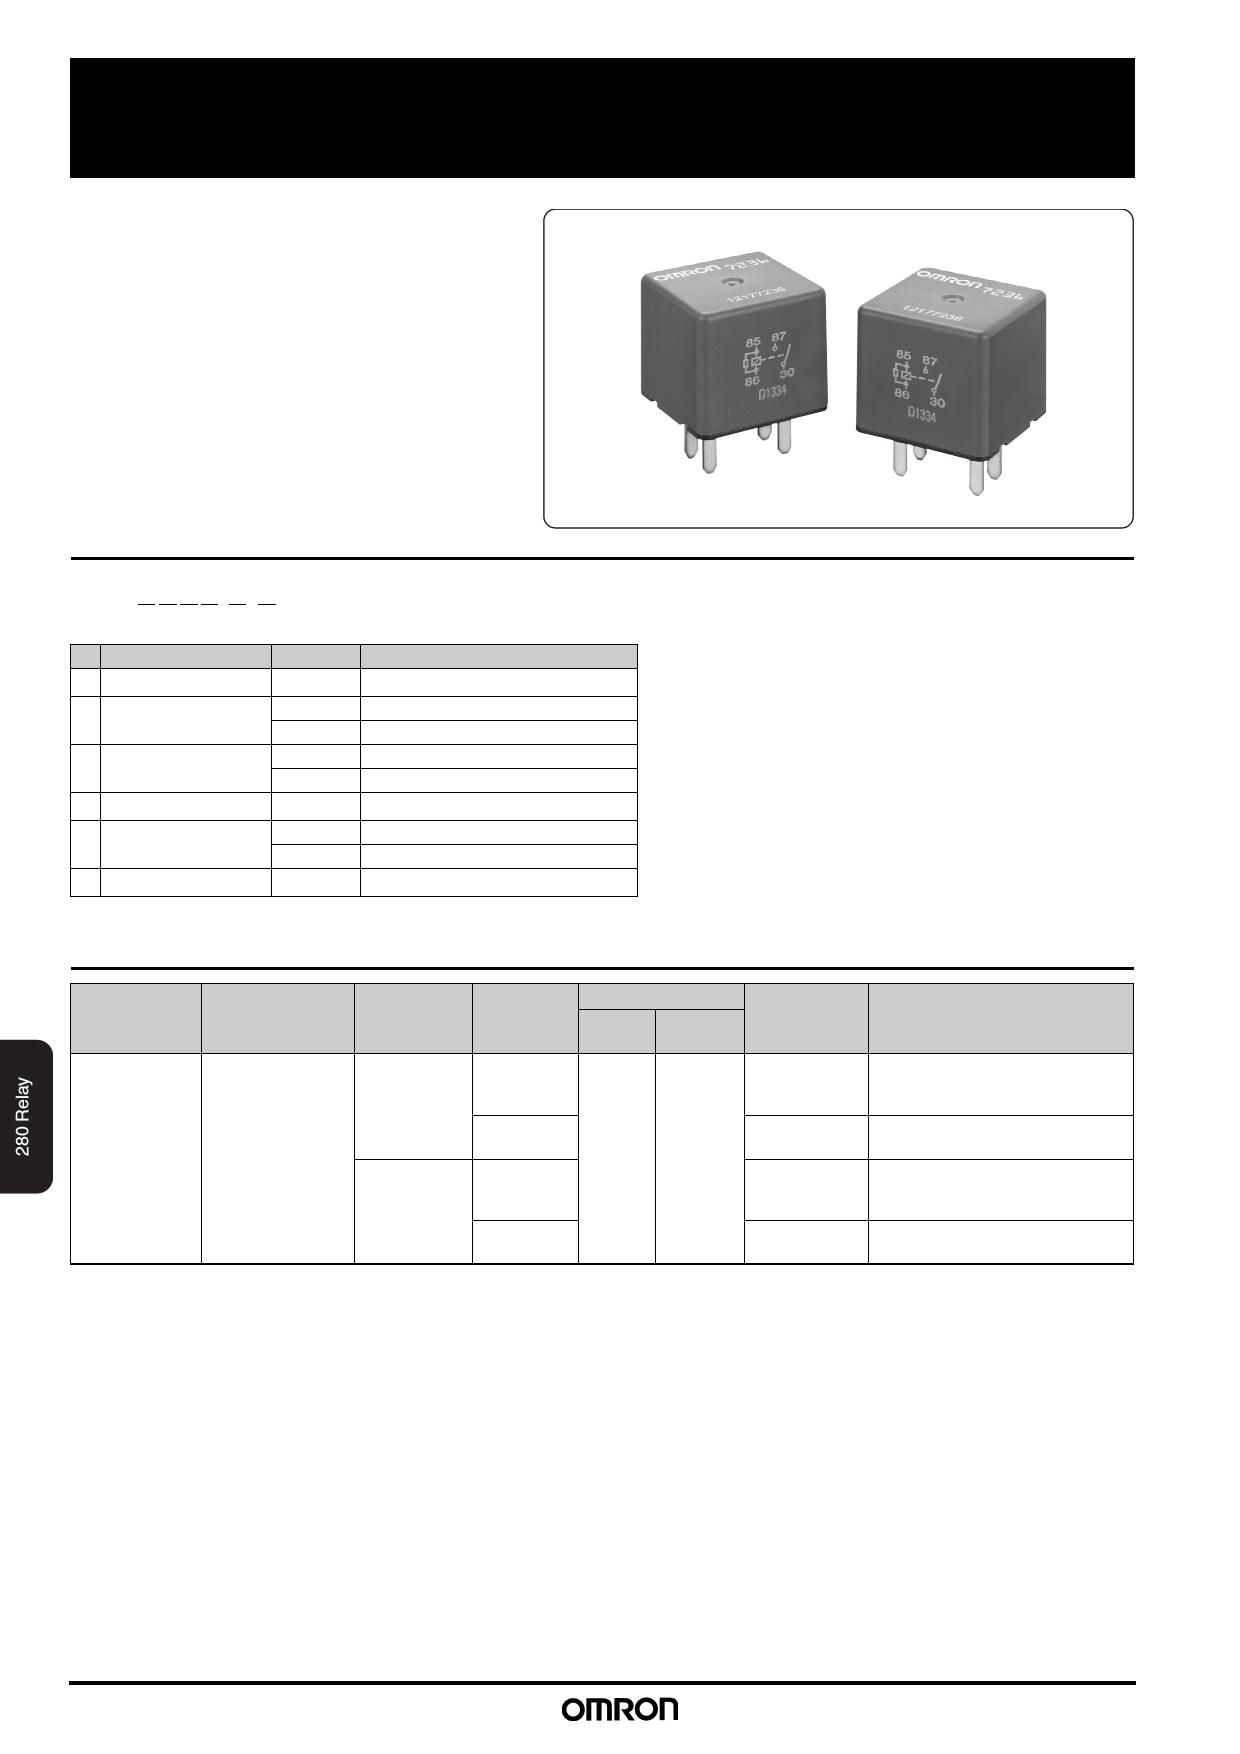 G8W-1C7T-R Datasheet, G8W-1C7T-R PDF,ピン配置, 機能